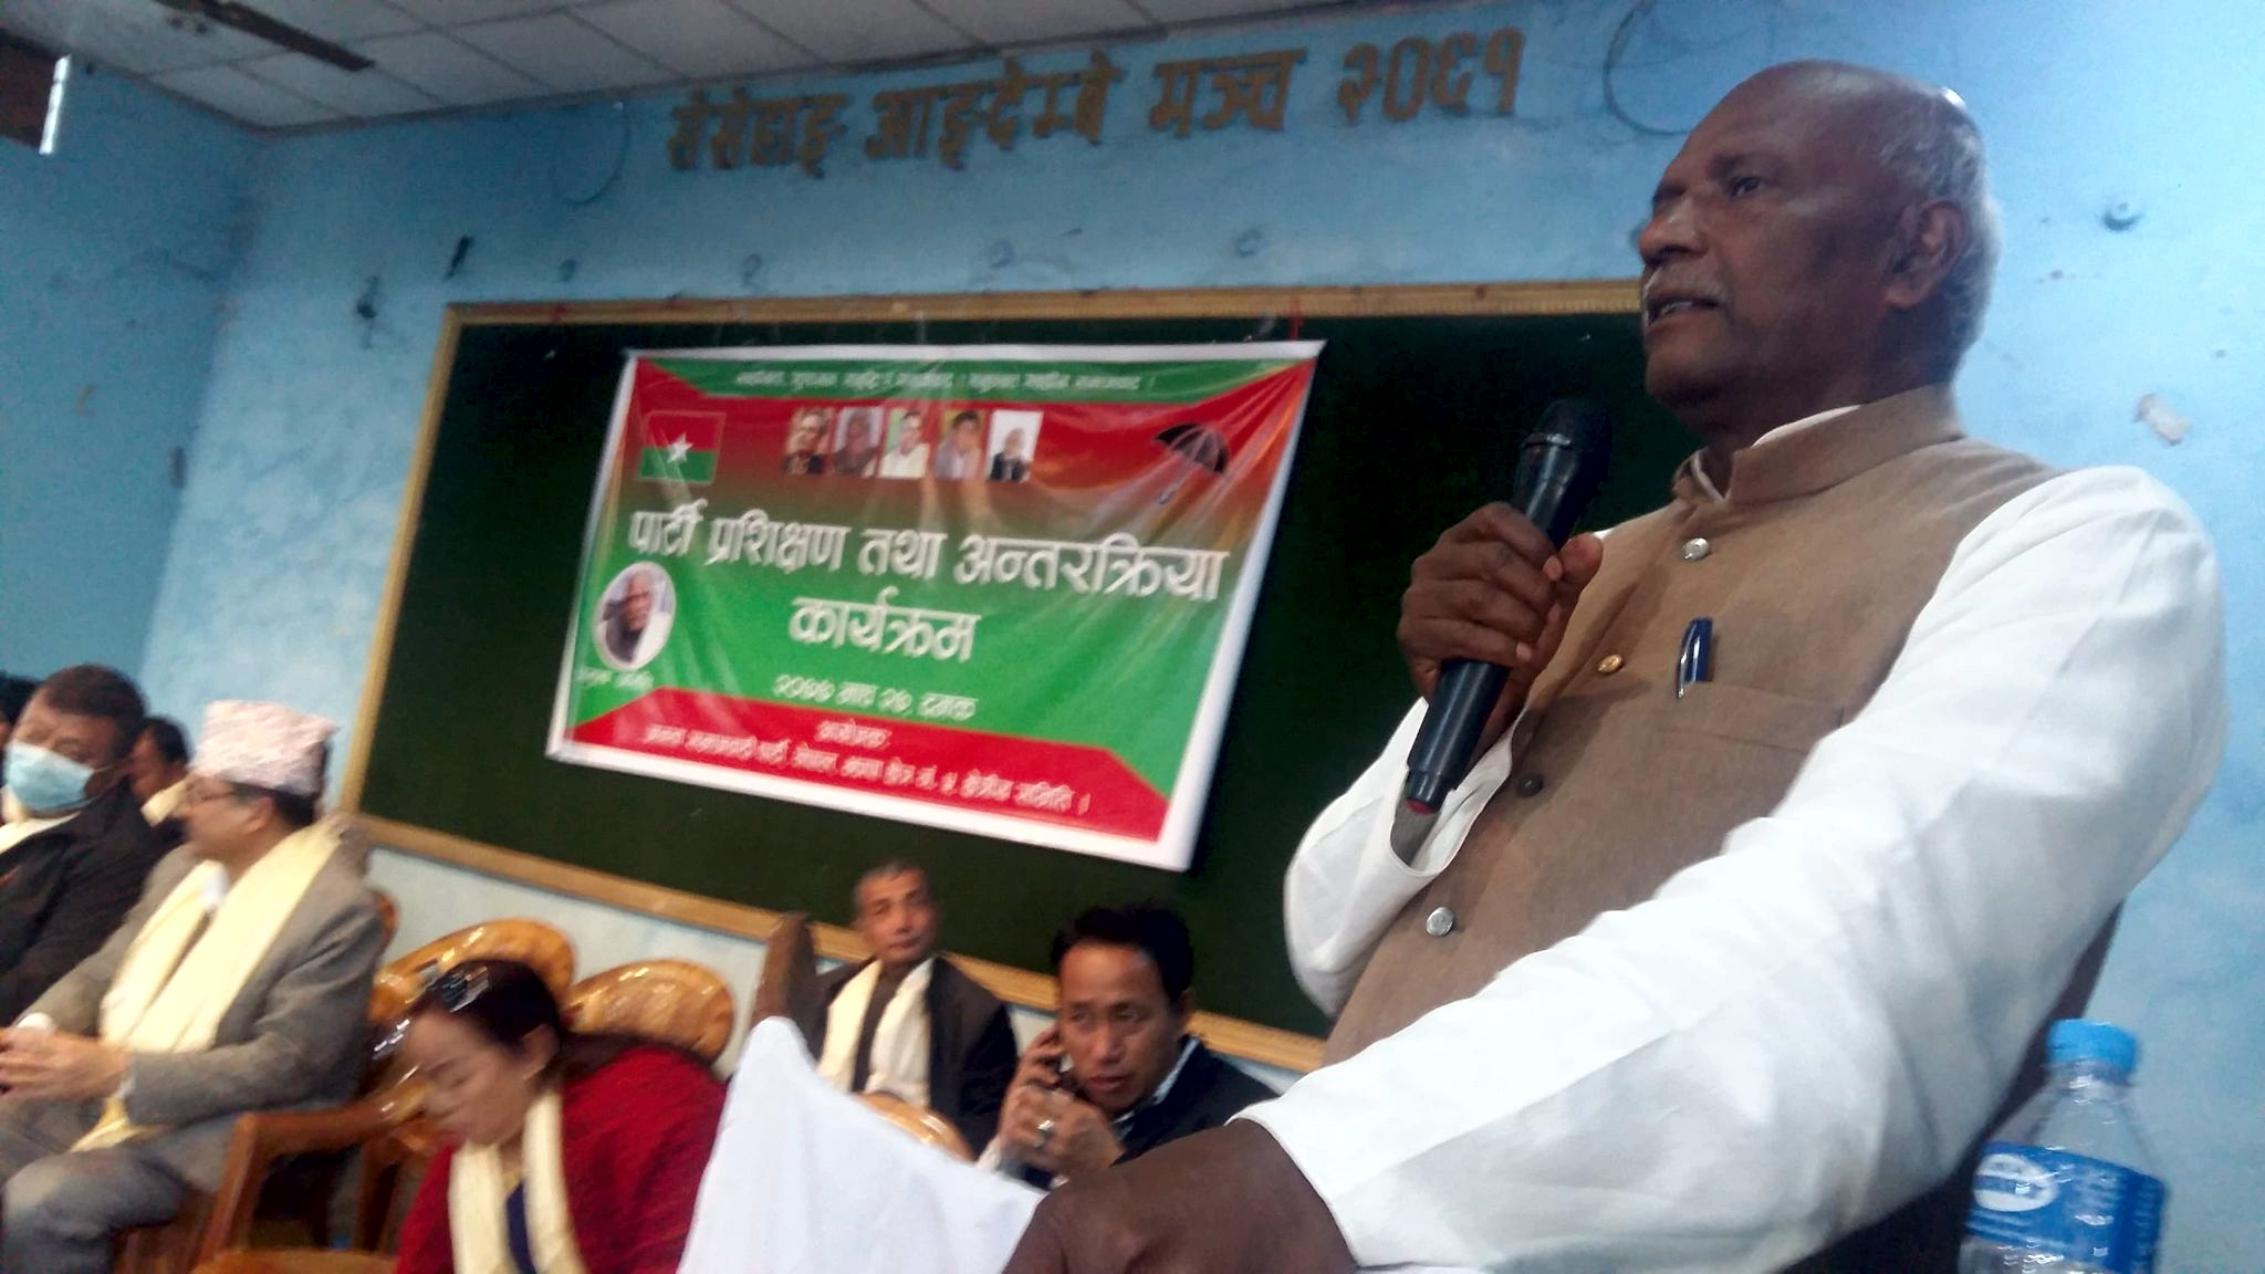 प्रदेशस्तरमा पूर्व राजपाको समिति छैन : यादव